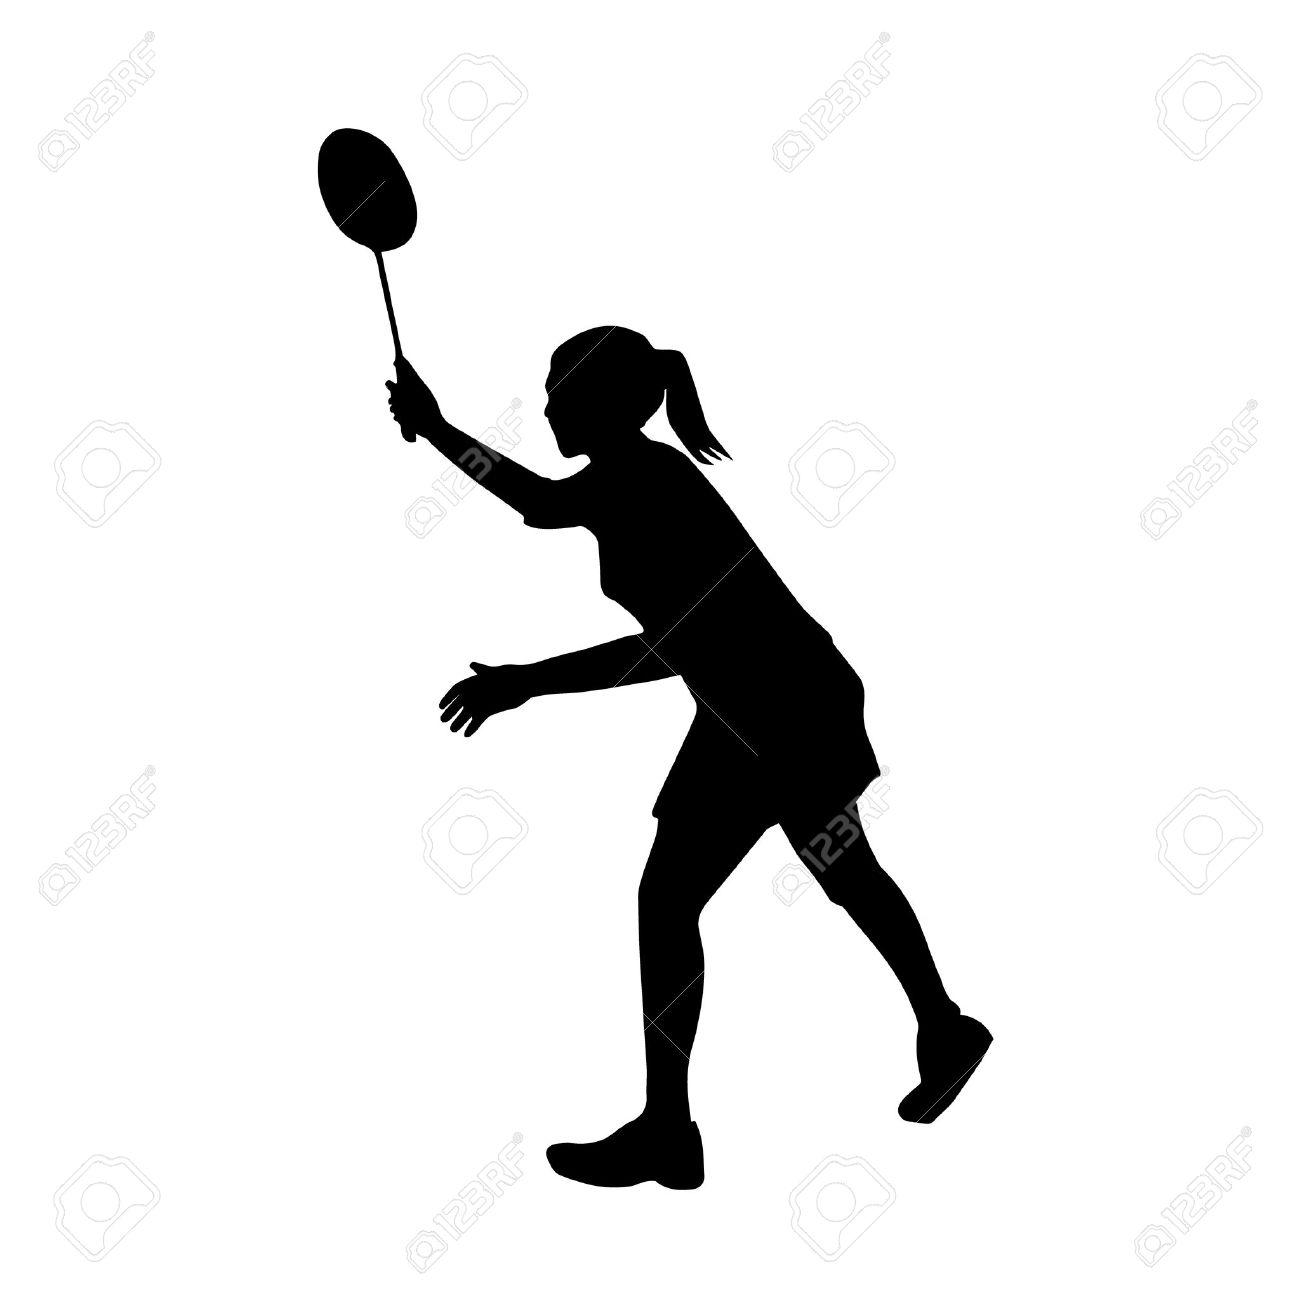 プロの女性バドミントン選手のシルエット ベクトル図のイラスト素材 ベクタ Image